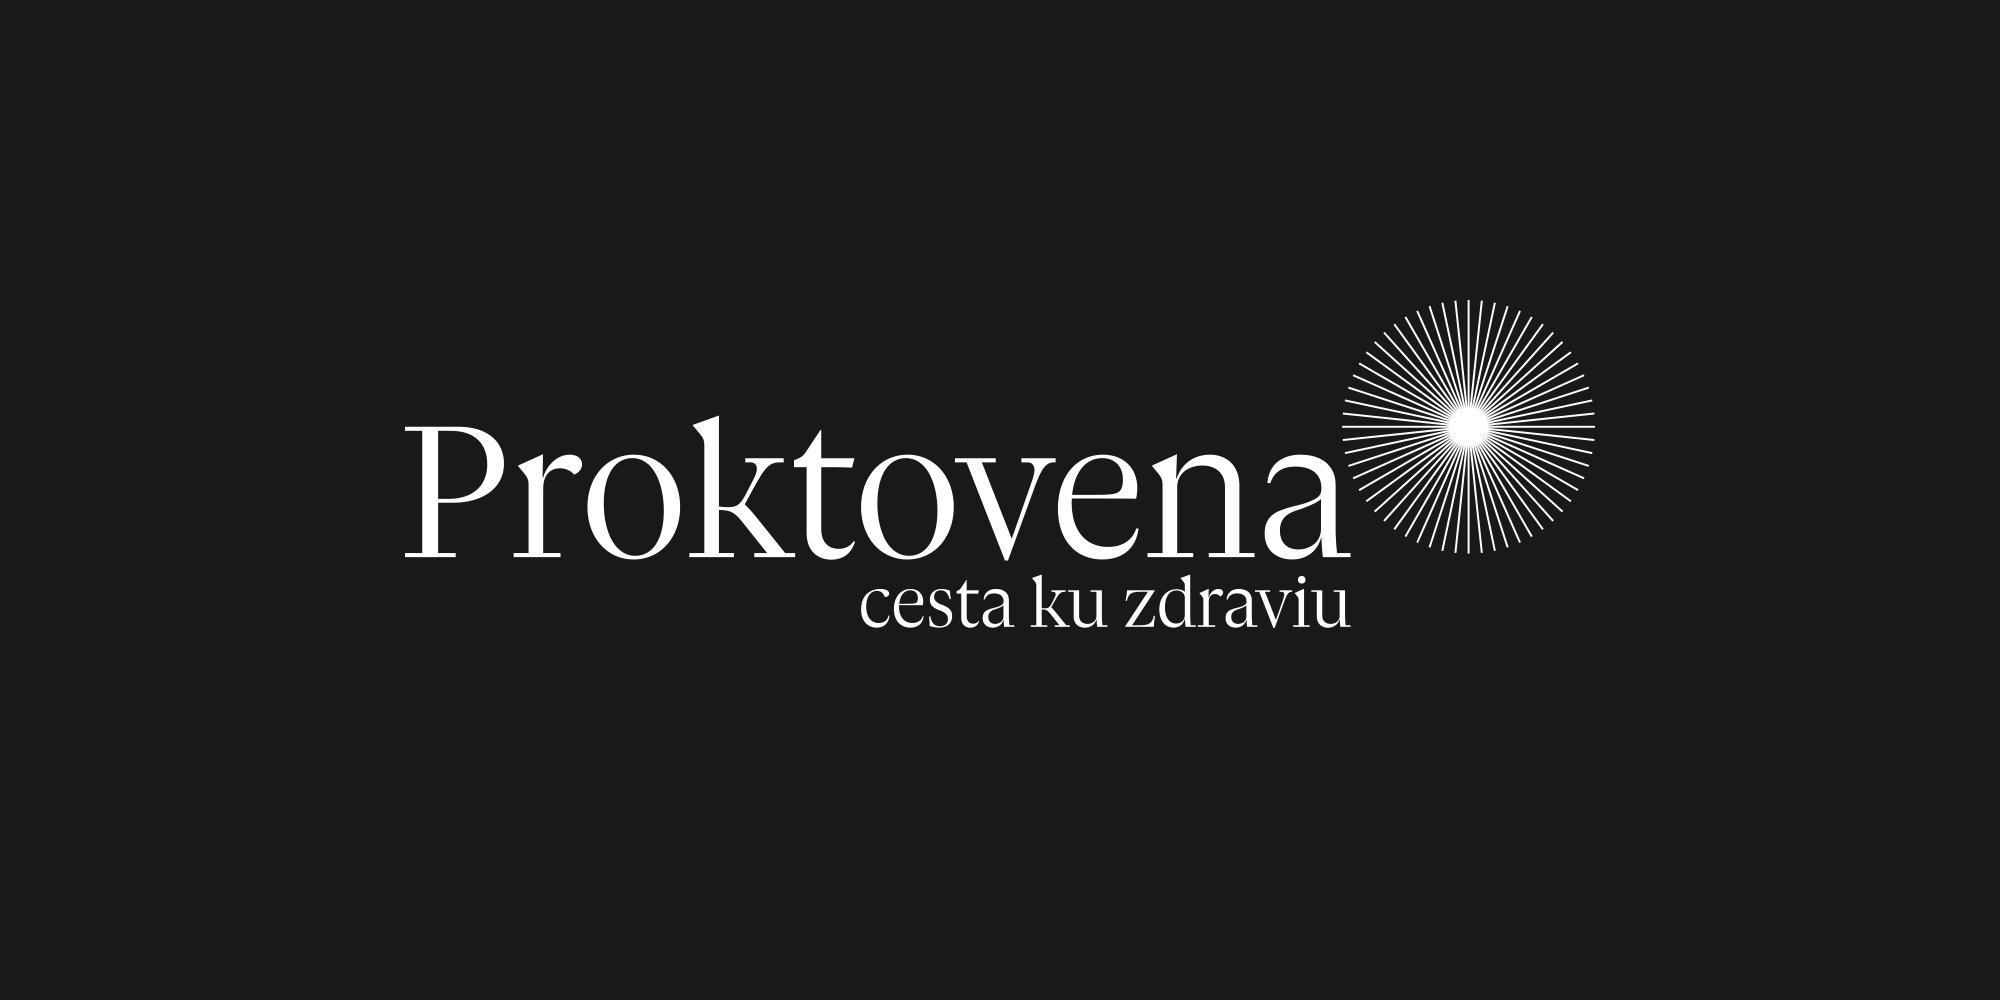 proktovena